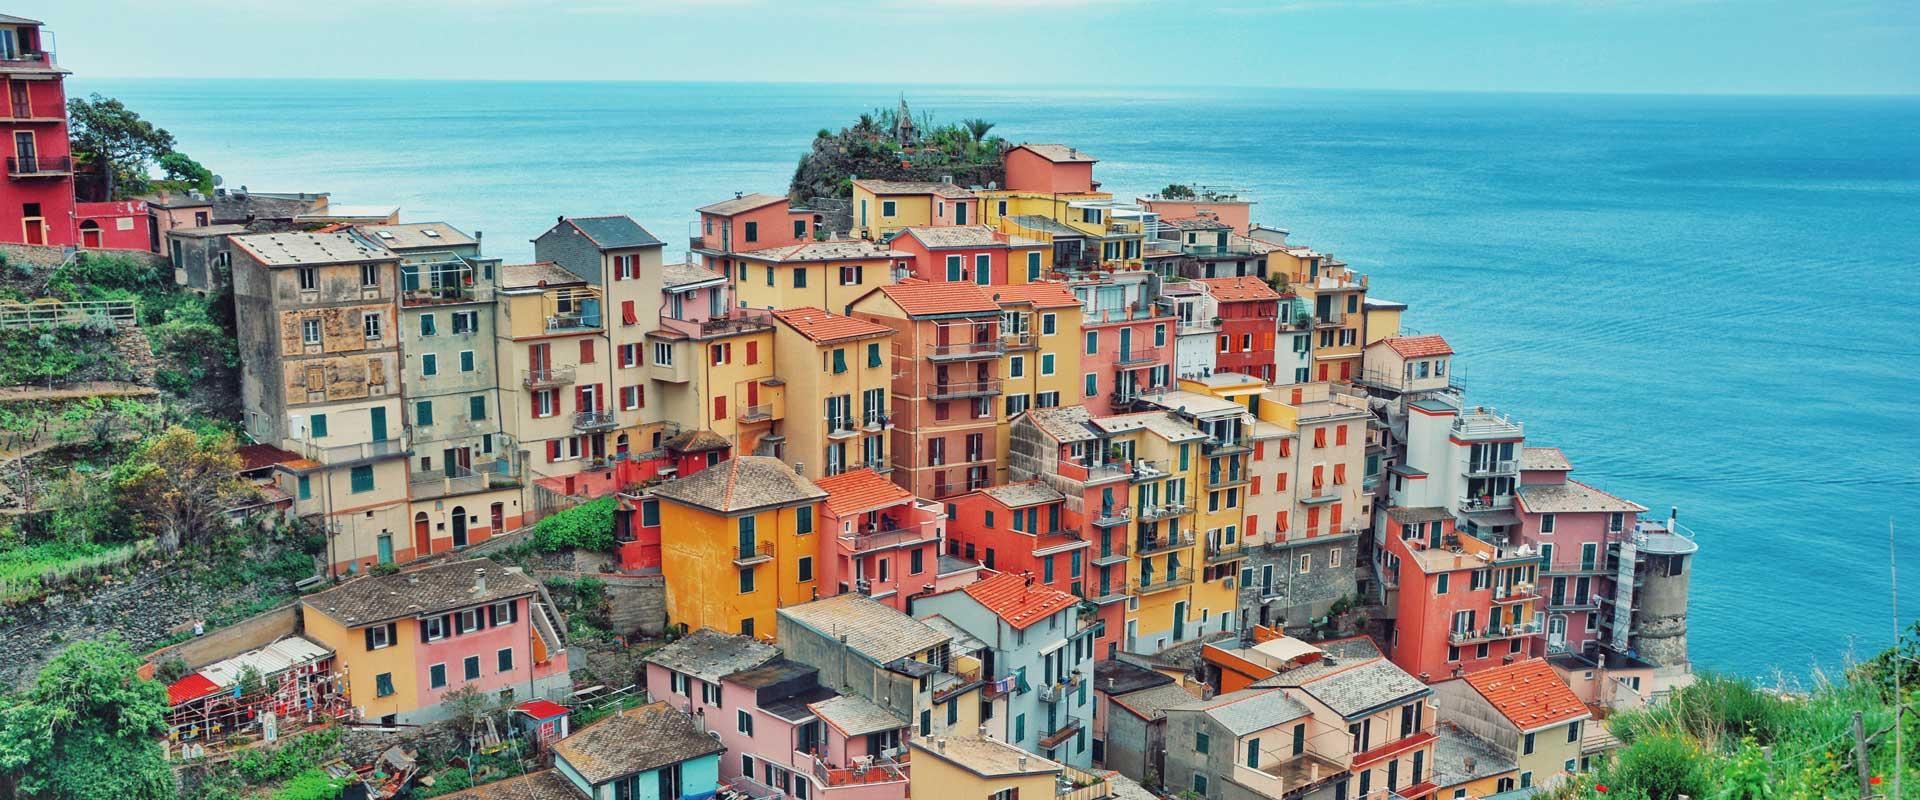 Portofino & the Cinque Terre